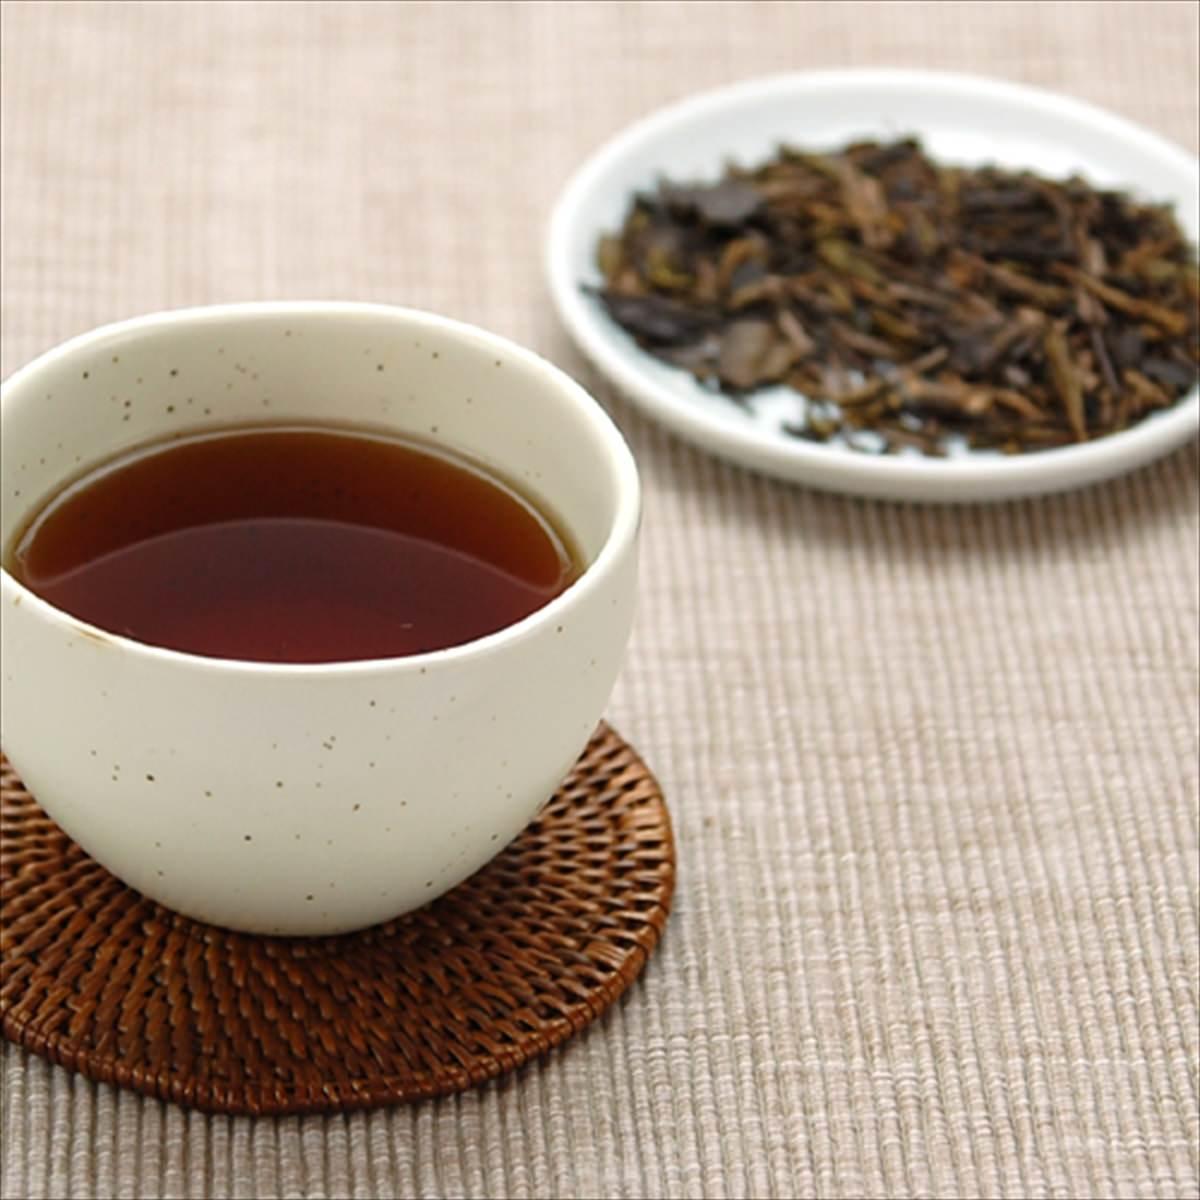 有機三年番茶 リーフ 5個 〔160g×5〕 東京都 無農薬 茶葉 チャヤ マクロビオティックス